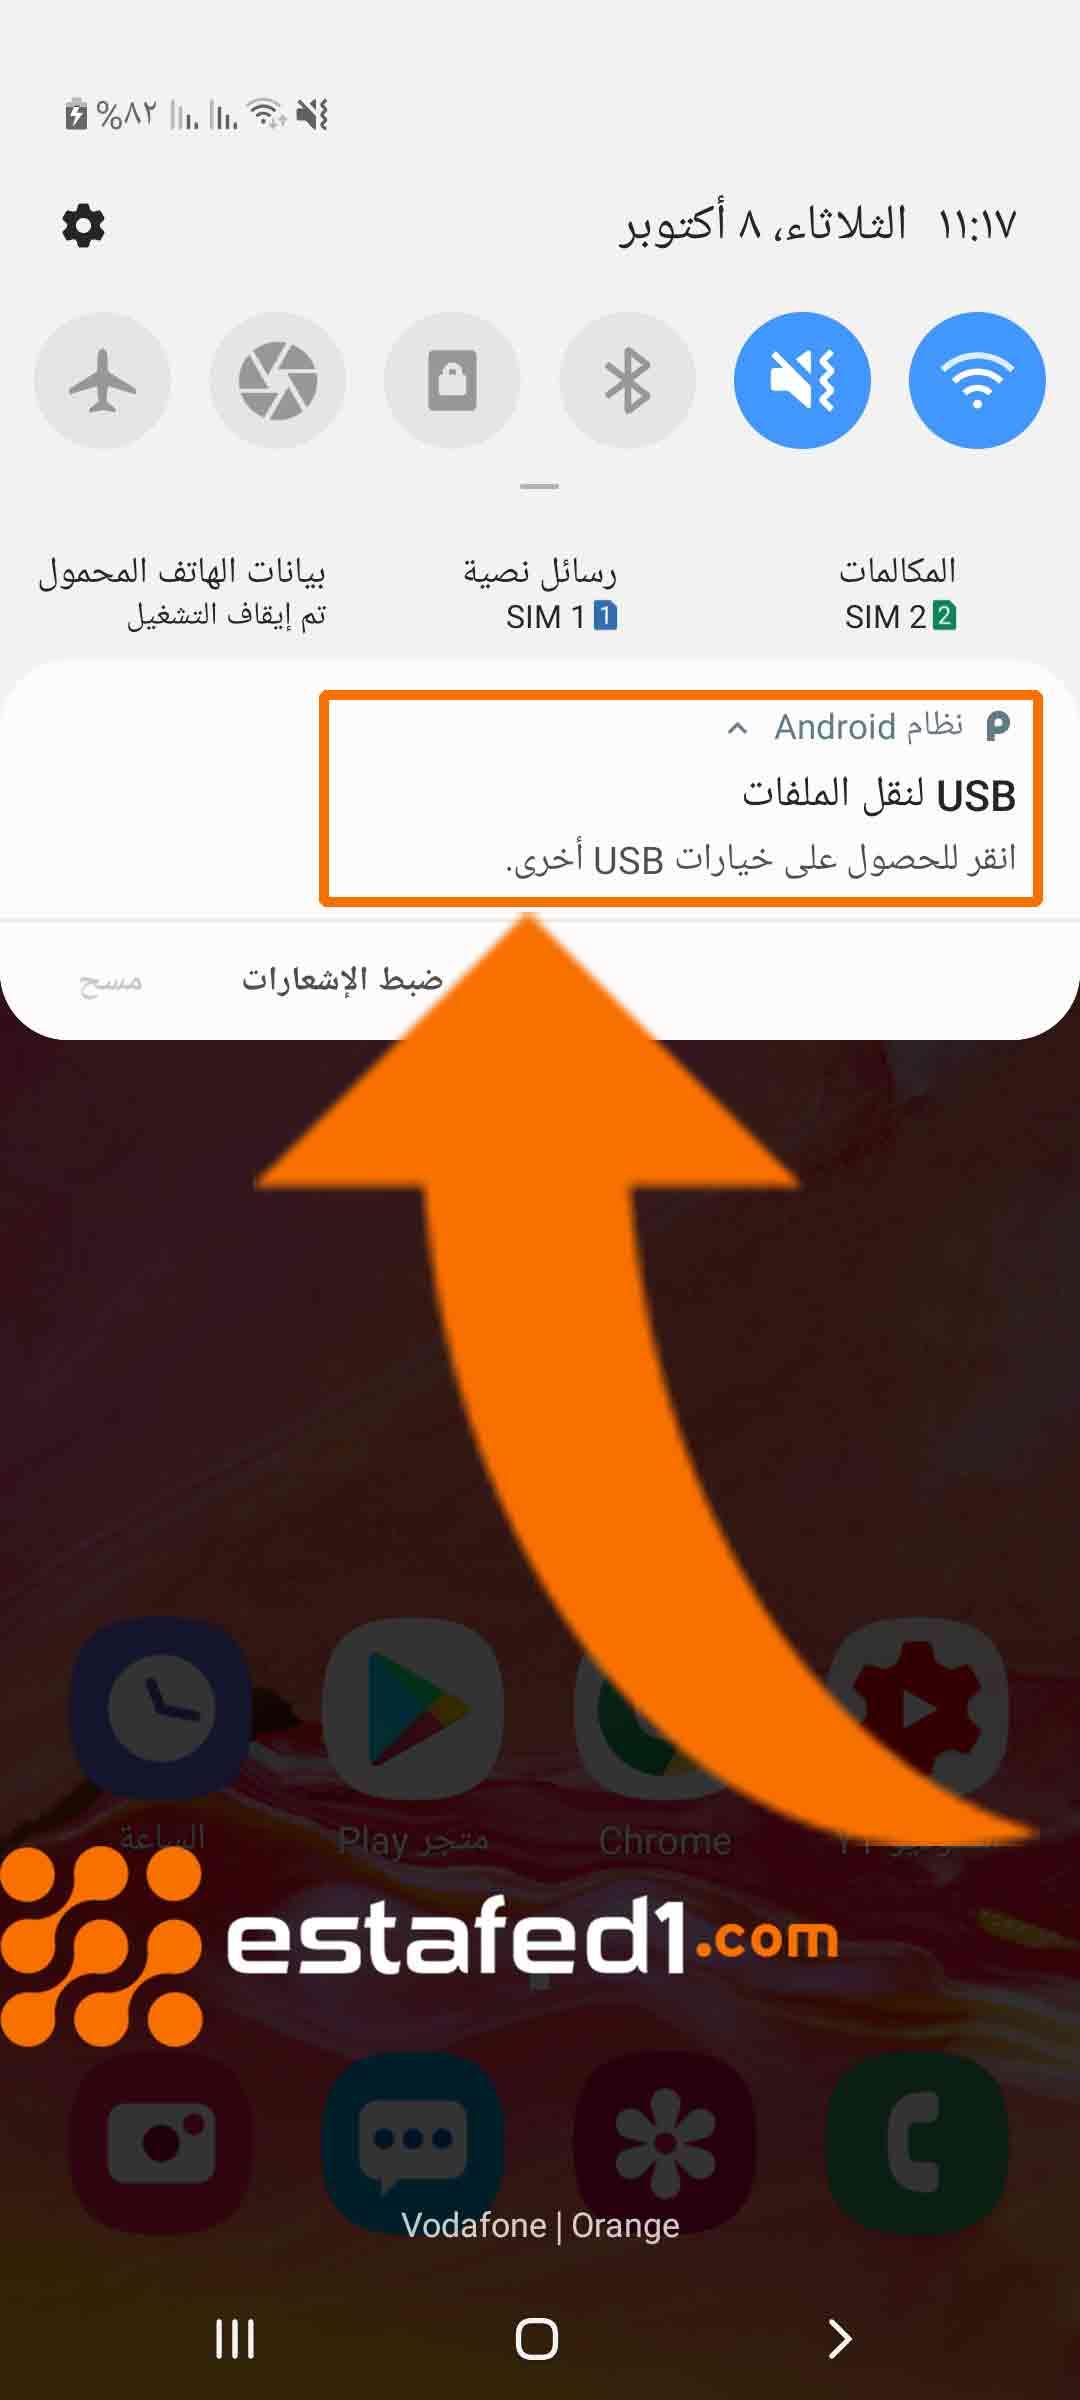 تثبيت التطبيقات من خلال الكمبيوتر على هاتفك يدويًا الخطوة الأولي